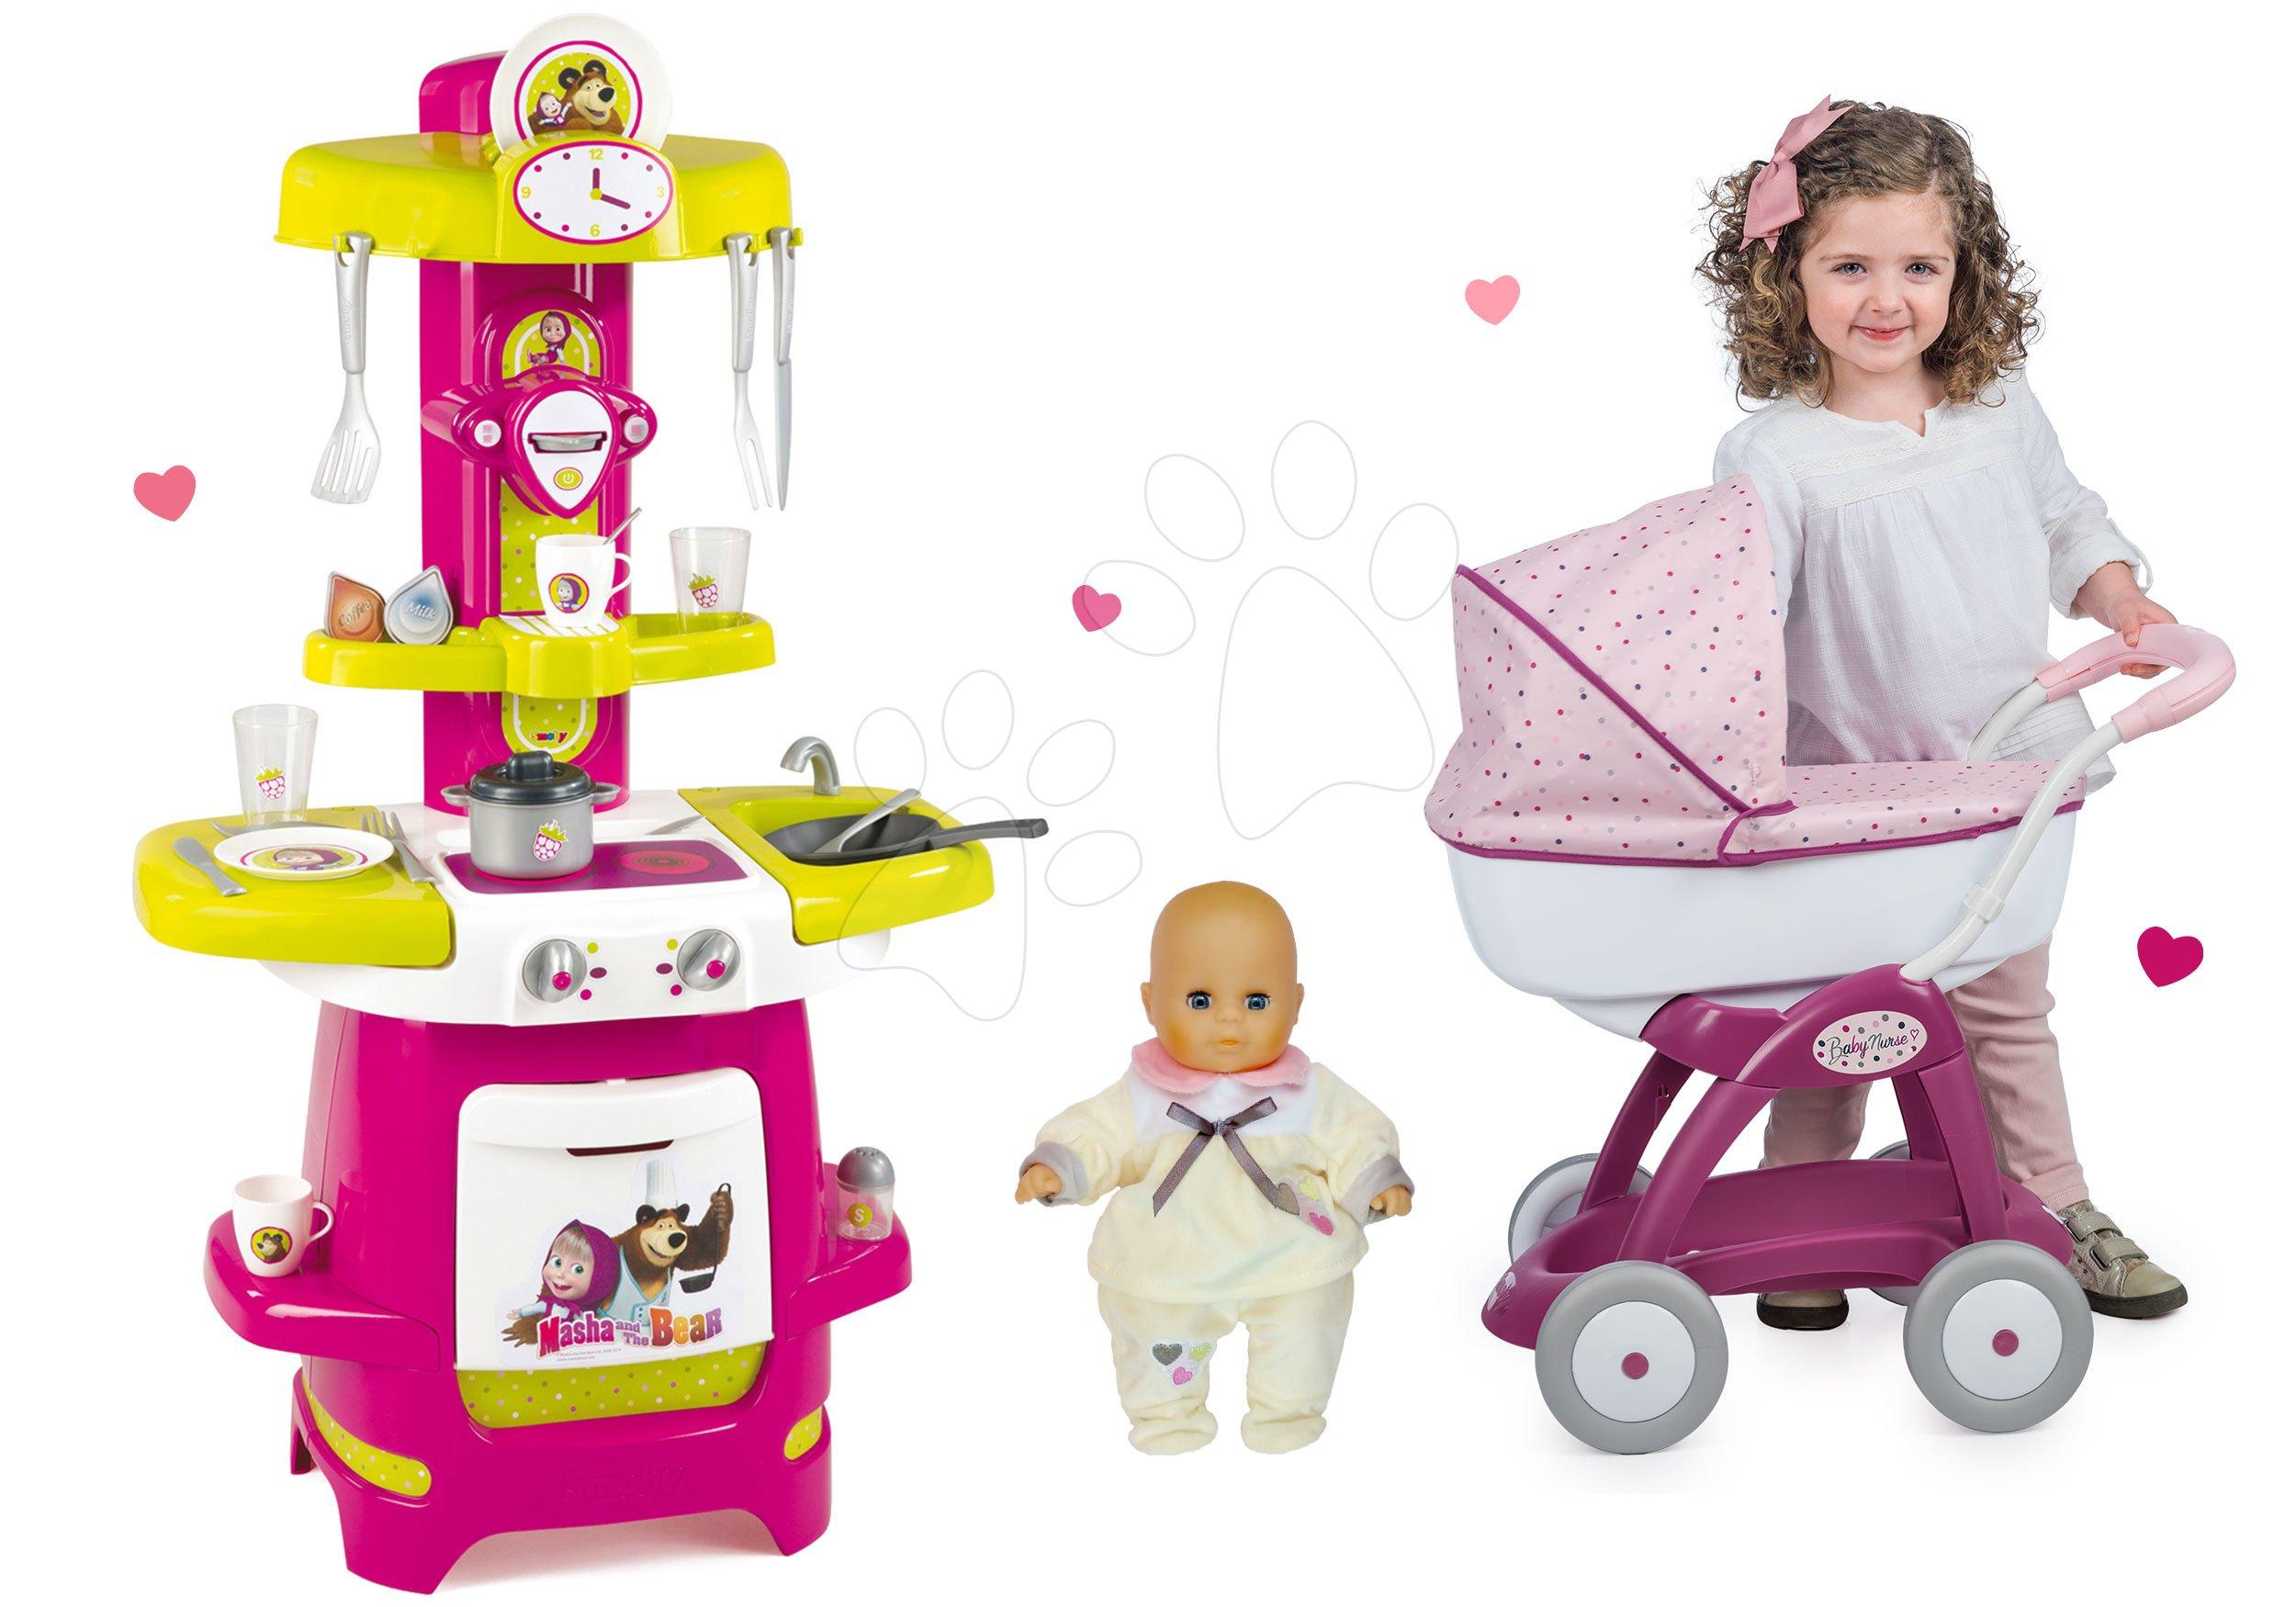 Kuchynky pre deti sety - Set kuchynka Máša a medveď Smoby hlboký kočík pre bábiku (58 cm rúčka) a bábika so šatôčkami od 18 mes